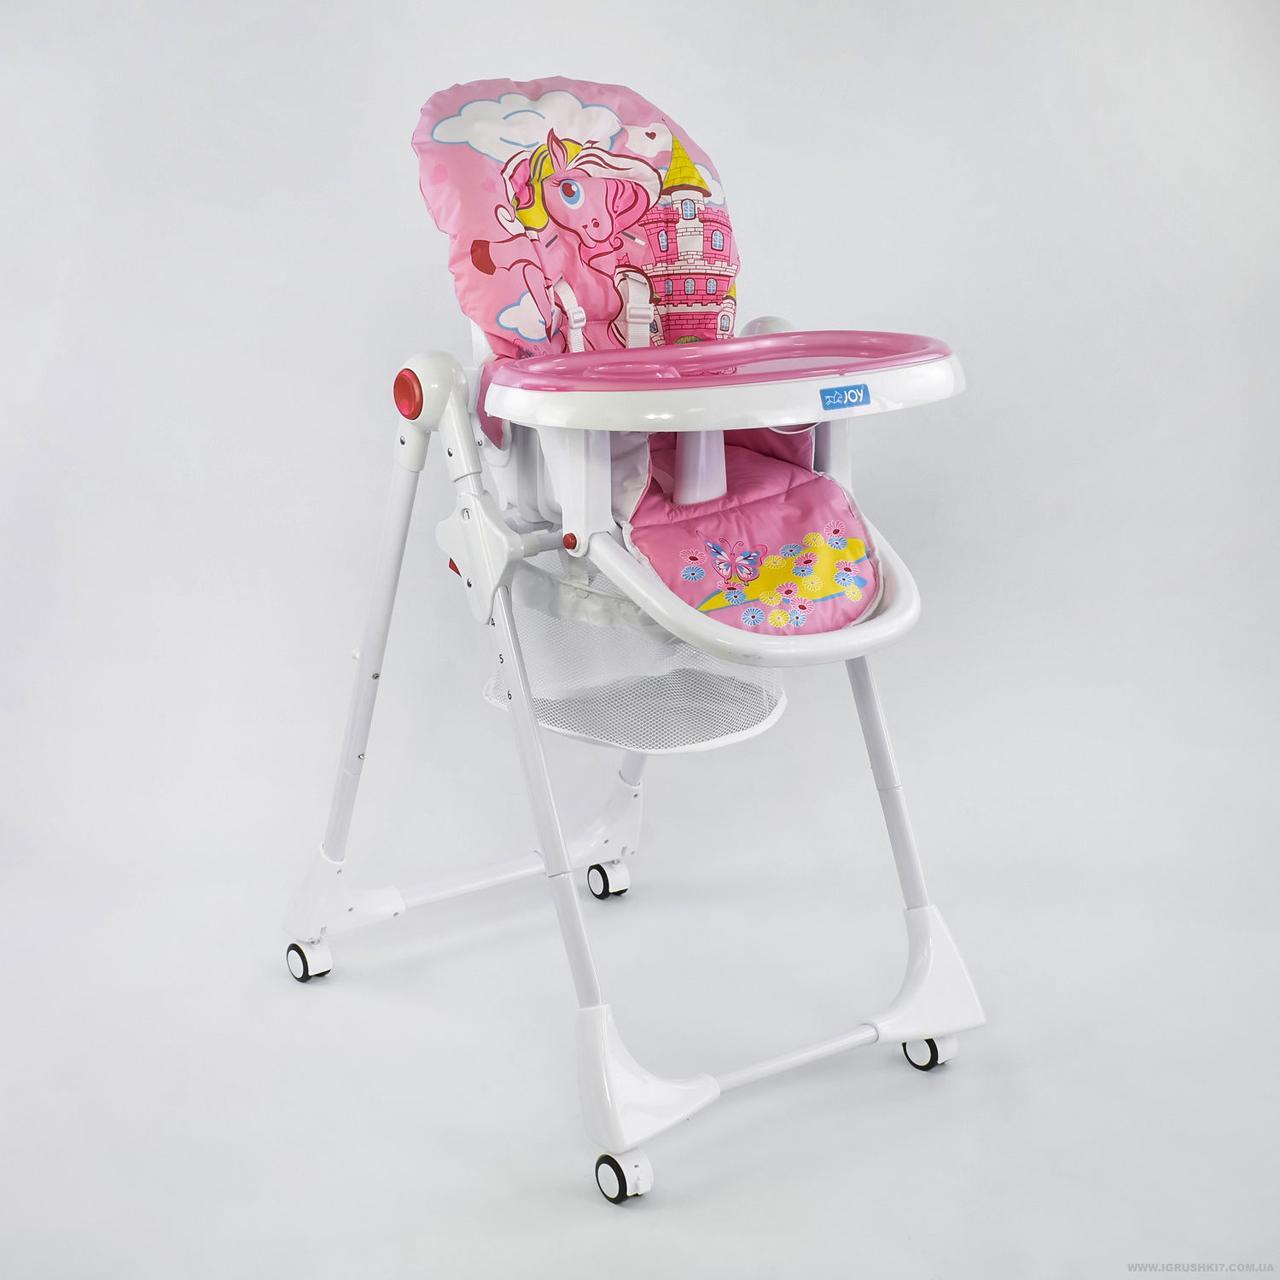 Детский стульчик для кормления Пони JOY К-73480